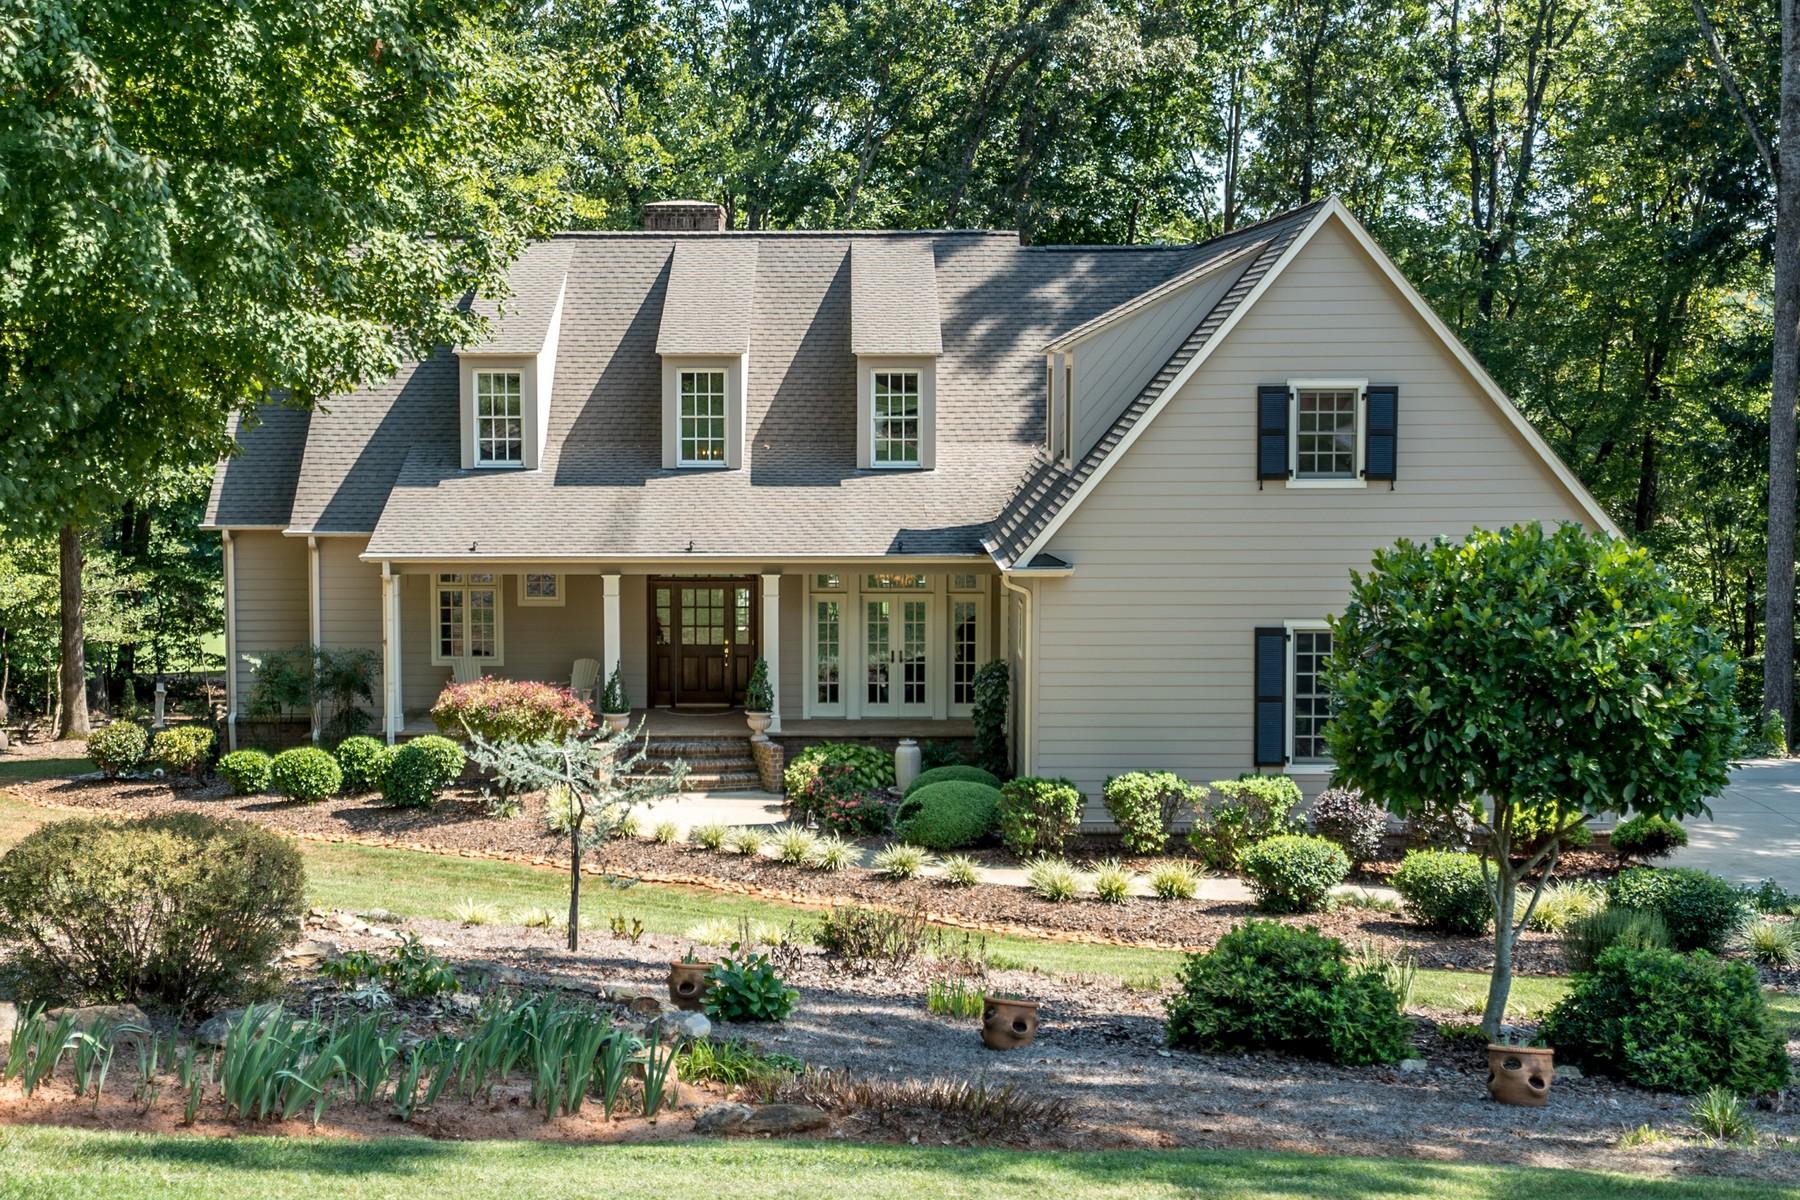 Casa Unifamiliar por un Venta en 2235 Stone Bridge 2235 Stone Bridge Road Asheboro, Carolina Del Norte 27205 Estados UnidosEn/Alrededor: Chapel Hill, Greensboro, Cary